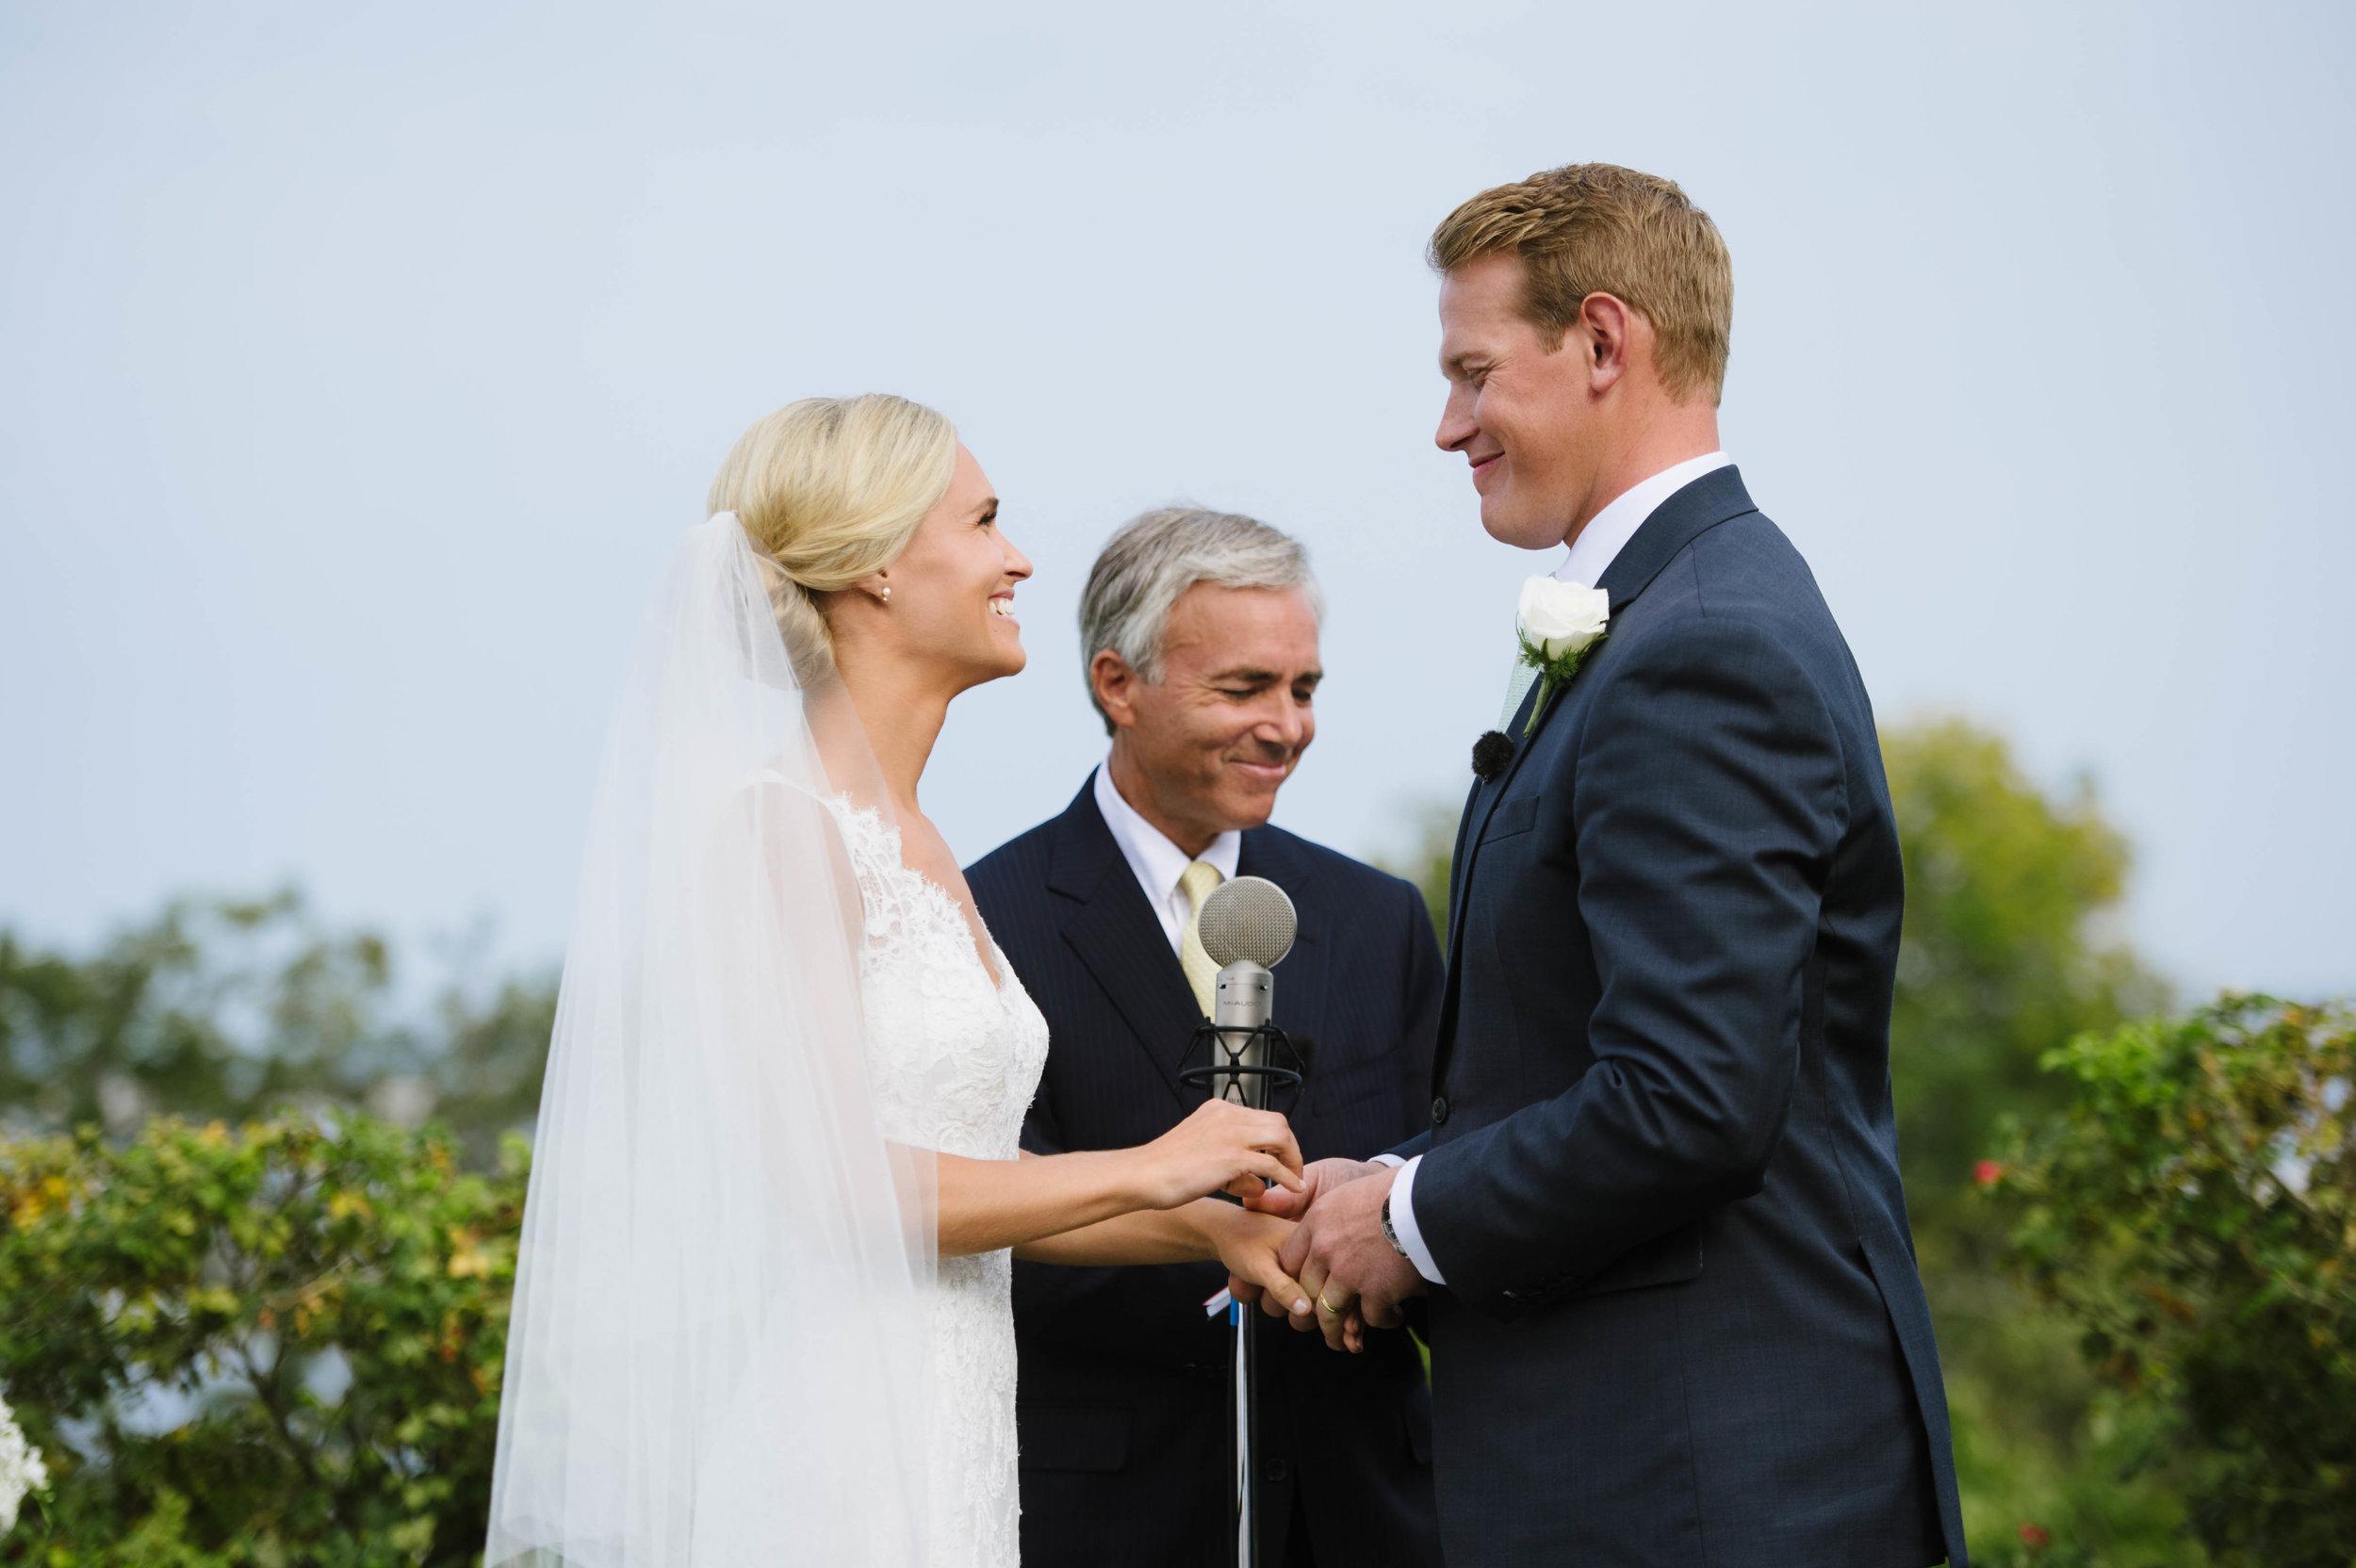 Chatham_Wedding_Cape_Cod002.jpg